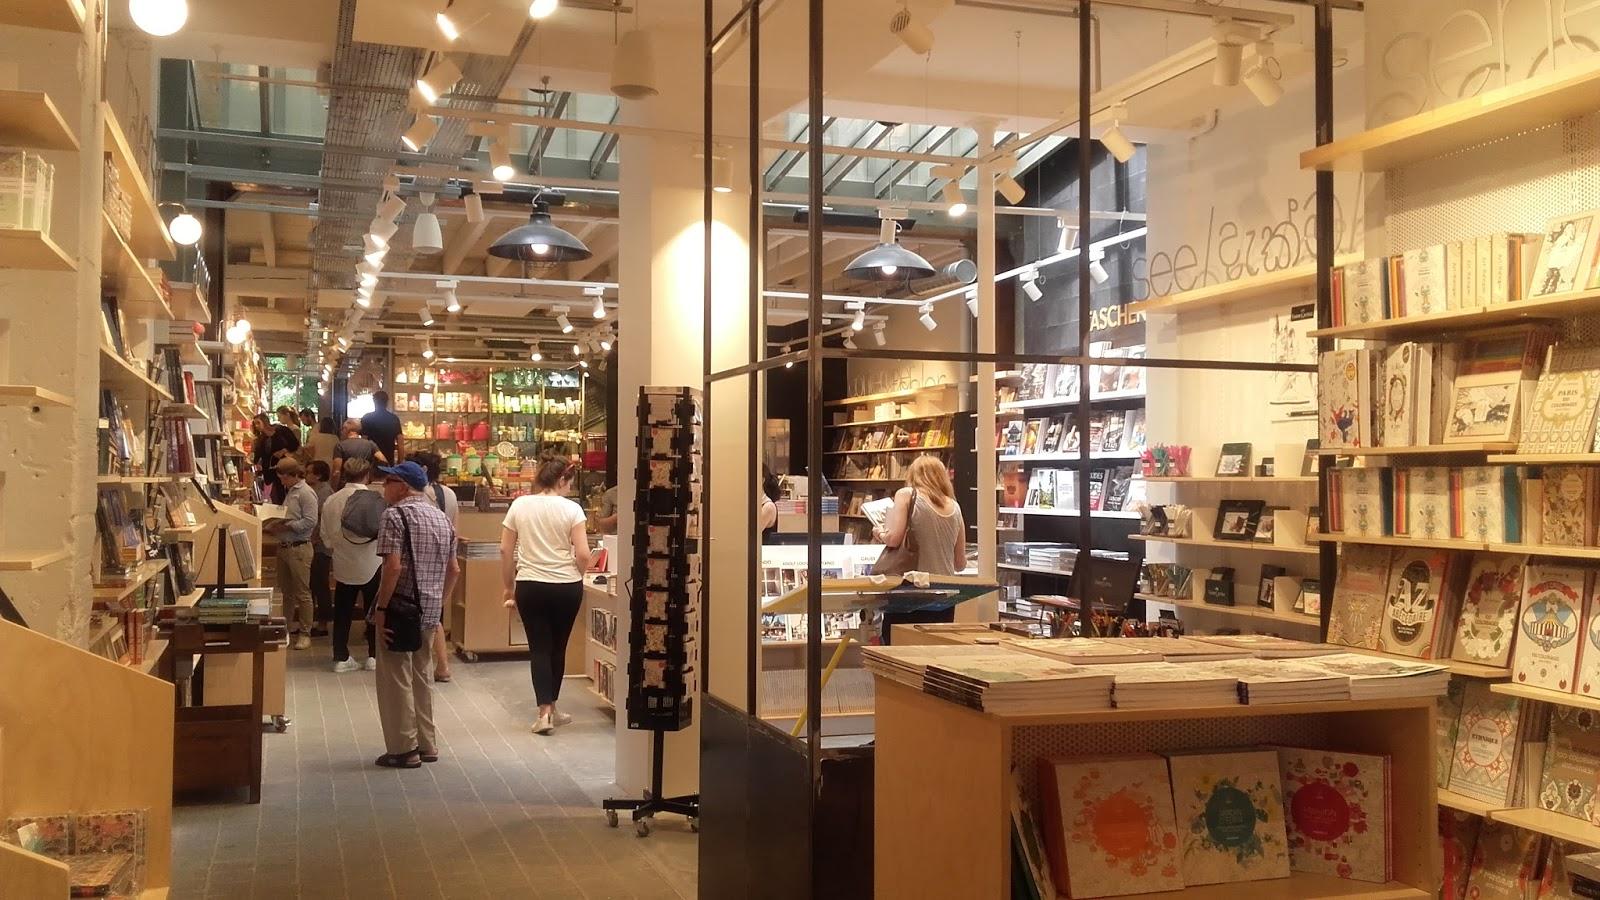 Positive eating positive living la mouette rieuse paris marais le nouveau - Concept store marais ...